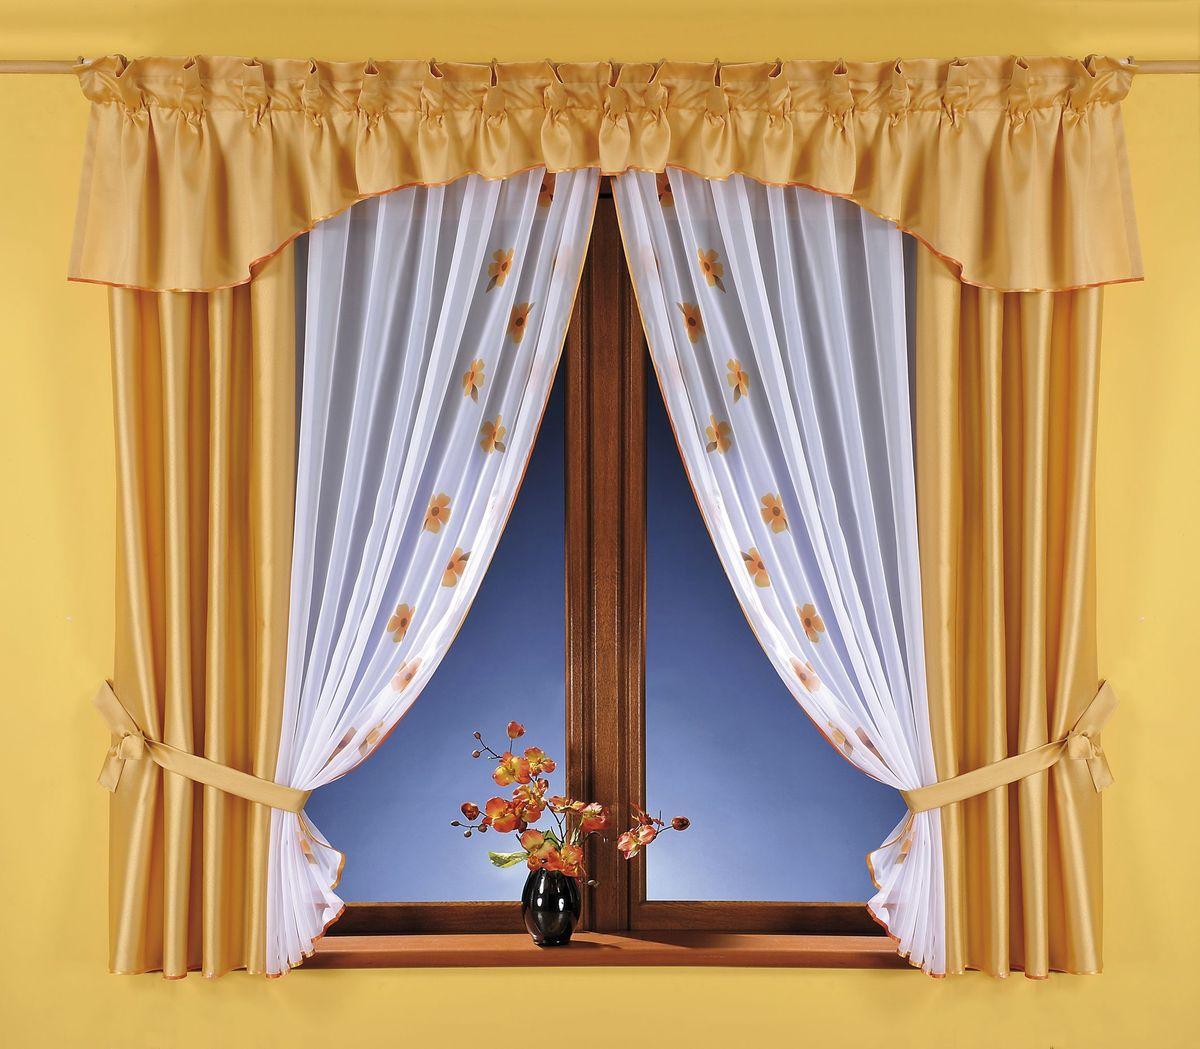 Комплект штор Wisan Swietlana, на ленте, цвет: золотистый, белый, высота 180 смS03301004Комплект штор Wisan Swietlana выполненный из полиэстера, великолепно украсит любое окно. Комплект состоит из 2 штор, тюля, ламбрекена и 2 подхватов. Тюль выполнен из органзы и украшен цветочным принтом, шторы изготовлены из плотного полиэстера. Оригинальный дизайн и контрастная цветовая гамма привлекут к себе внимание и органично впишутся в интерьер комнаты. Все предметы комплекта оснащены шторной лентой для красивой драпировки. В комплект входит: Штора - 2 шт. Размер (ШхВ): 80 см х 180 см. Тюль - 1 шт. Размер (ШхВ): 160 см х 180 см. Ламбрекен - 1 шт. Размер (ШхВ): 500 см х 50 см.Подхваты - 2 шт. Фирма Wisan на польском рынке существует уже более пятидесяти лет и является одной из лучших польских фабрик по производству штор и тканей. Ассортимент фирмы представлен готовыми комплектами штор для гостиной, детской, кухни, а также текстилем для кухни (скатерти, салфетки, дорожки, кухонные занавески). Модельный ряд отличает оригинальный дизайн, высокое качество. Ассортимент продукции постоянно пополняется.